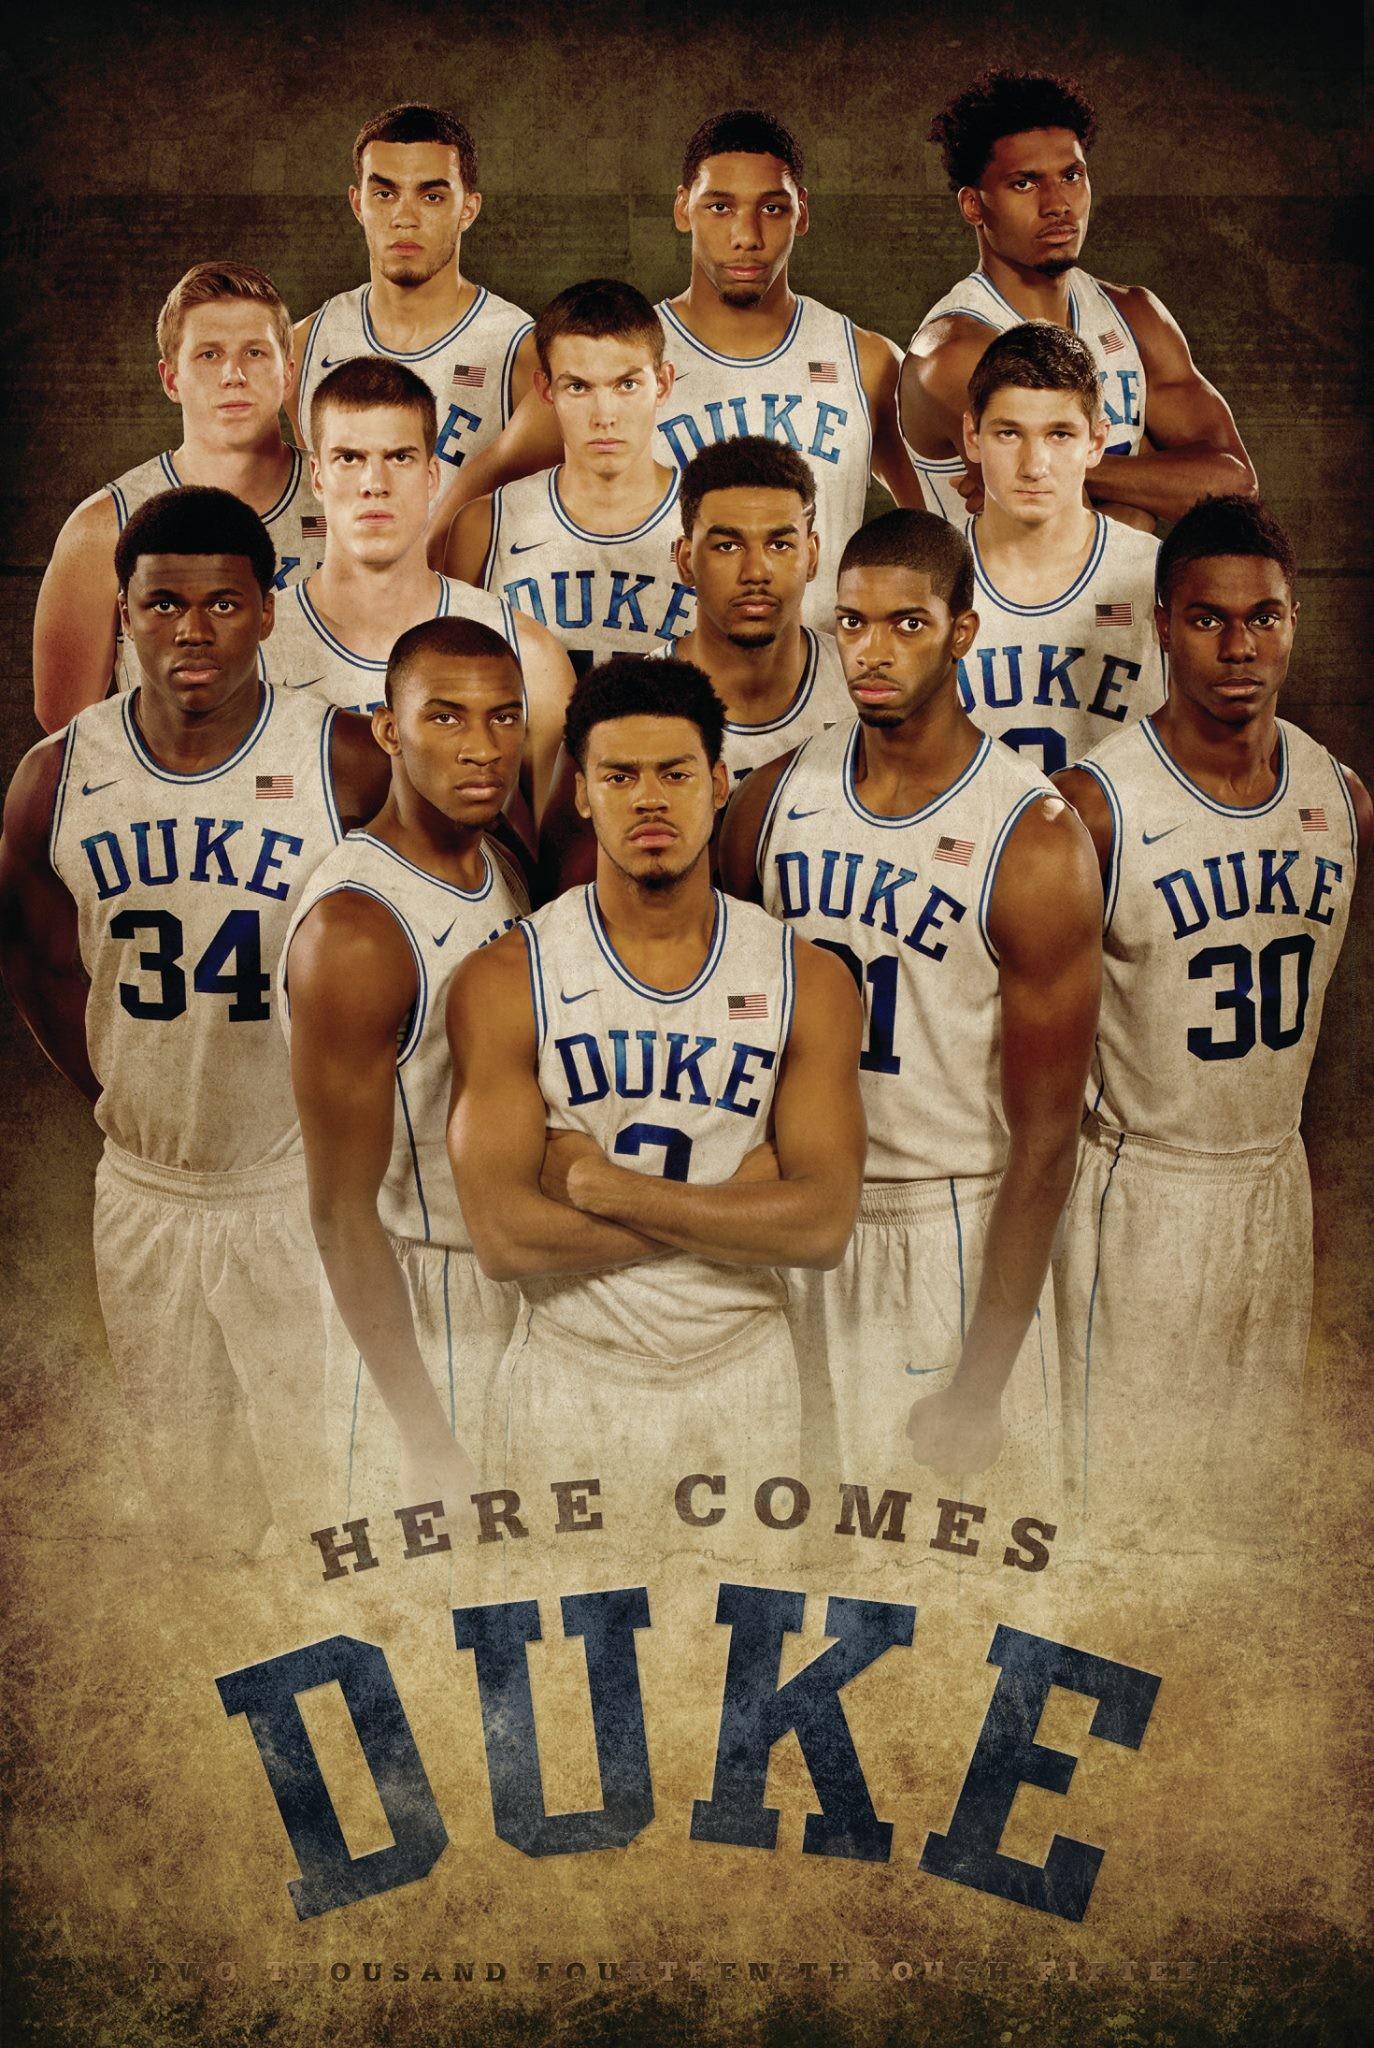 Best 20+ Duke basketball recruiting ideas on Pinterest | Gator football  recruiting, Wvu football recruiting and Kentucky recruiting